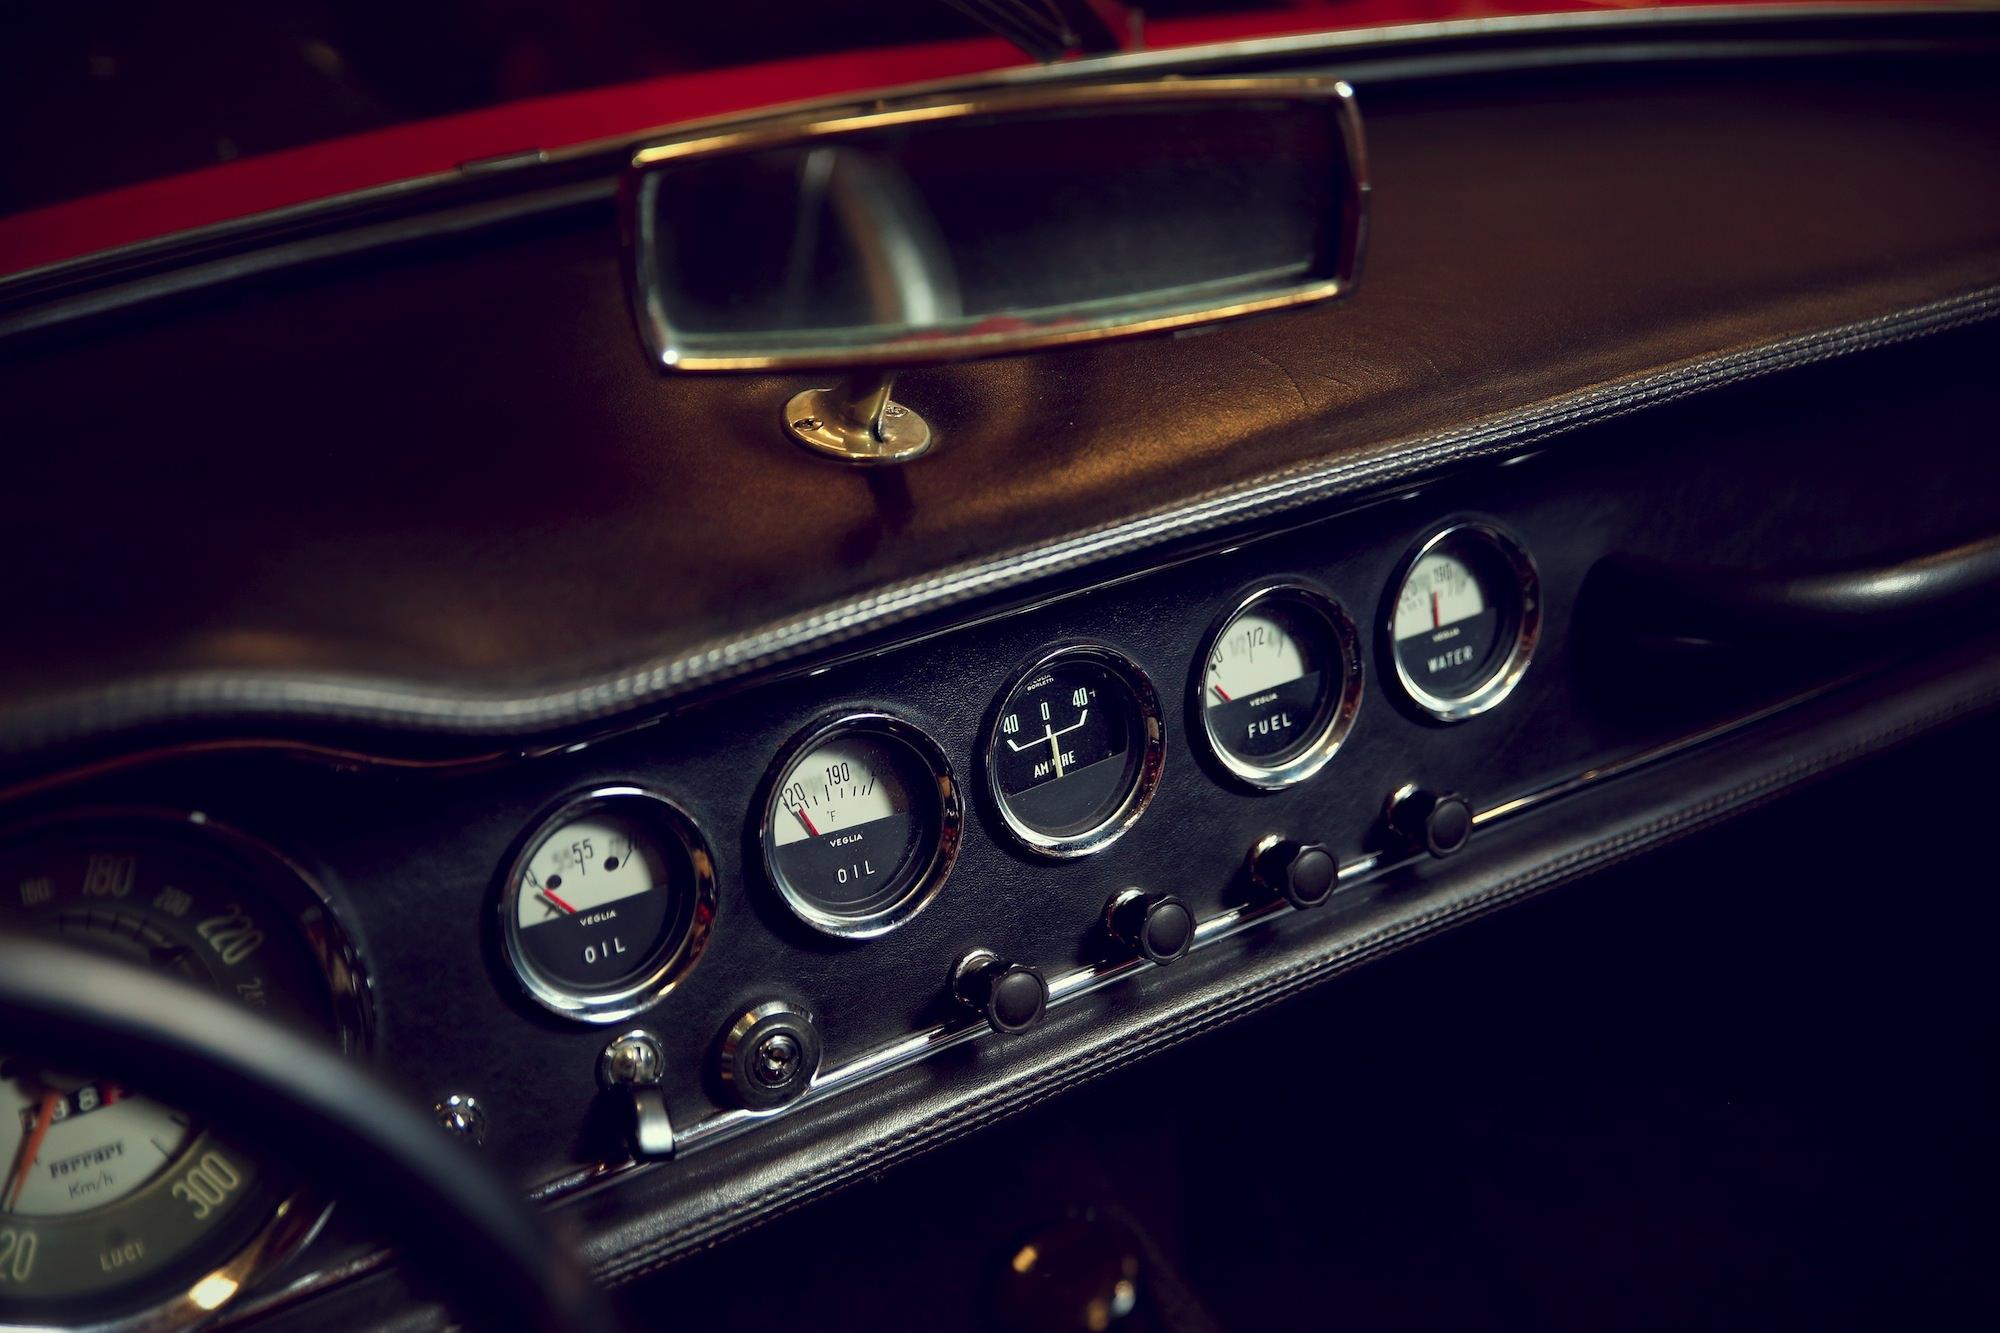 Ferrari 250 GT N.A.R.T. Spider by Fantuzzi 12